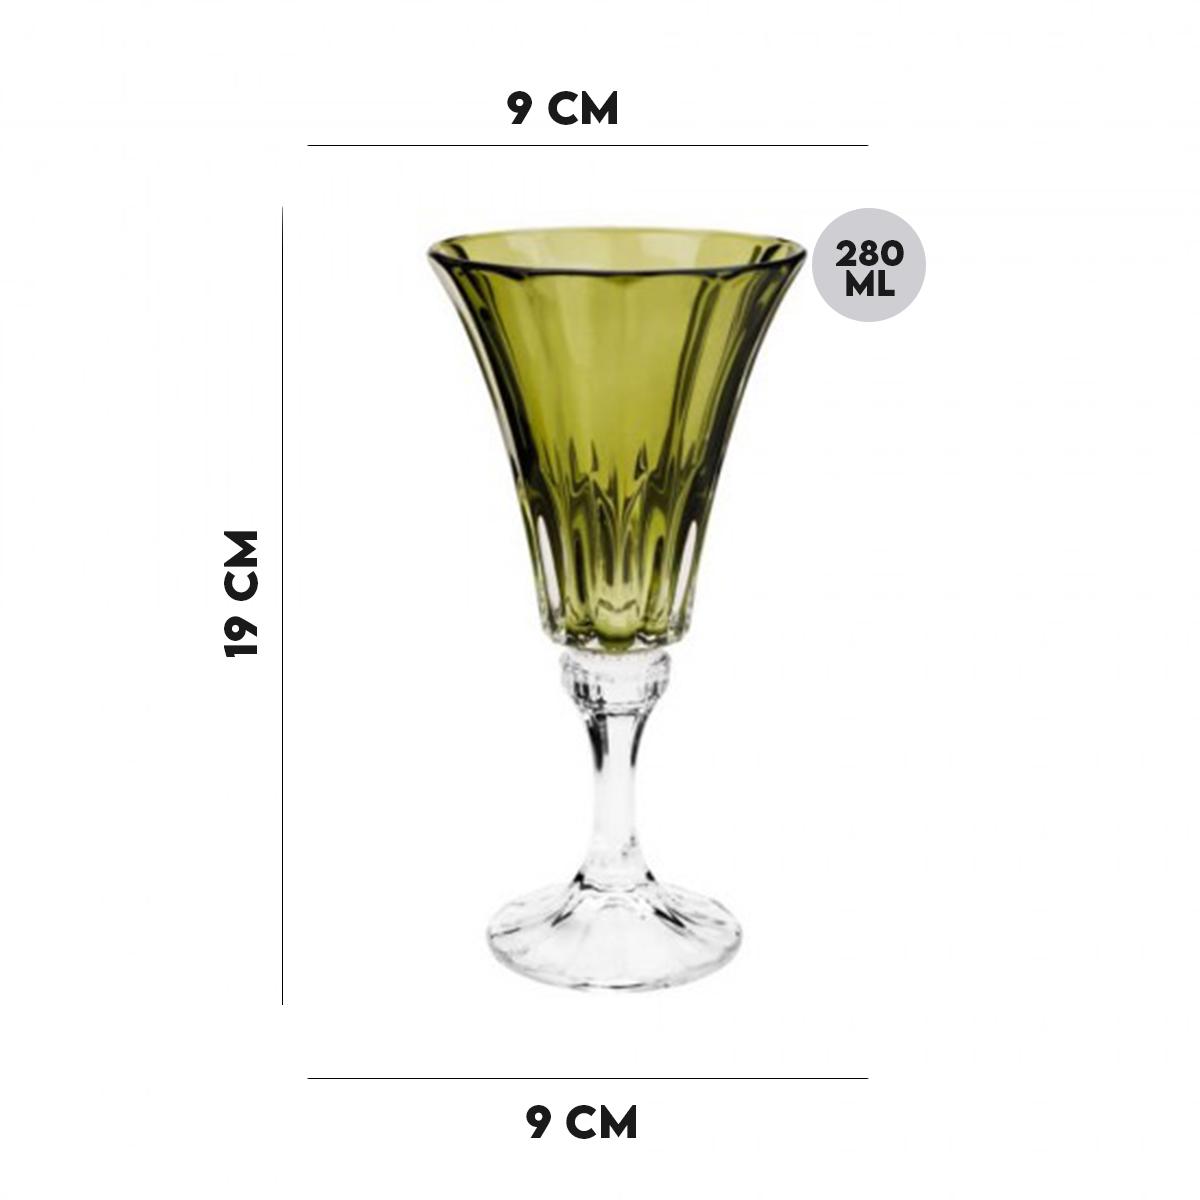 Jogo 4 Taças Cristal Ecológico para Água Verde 280 ml  - Lemis